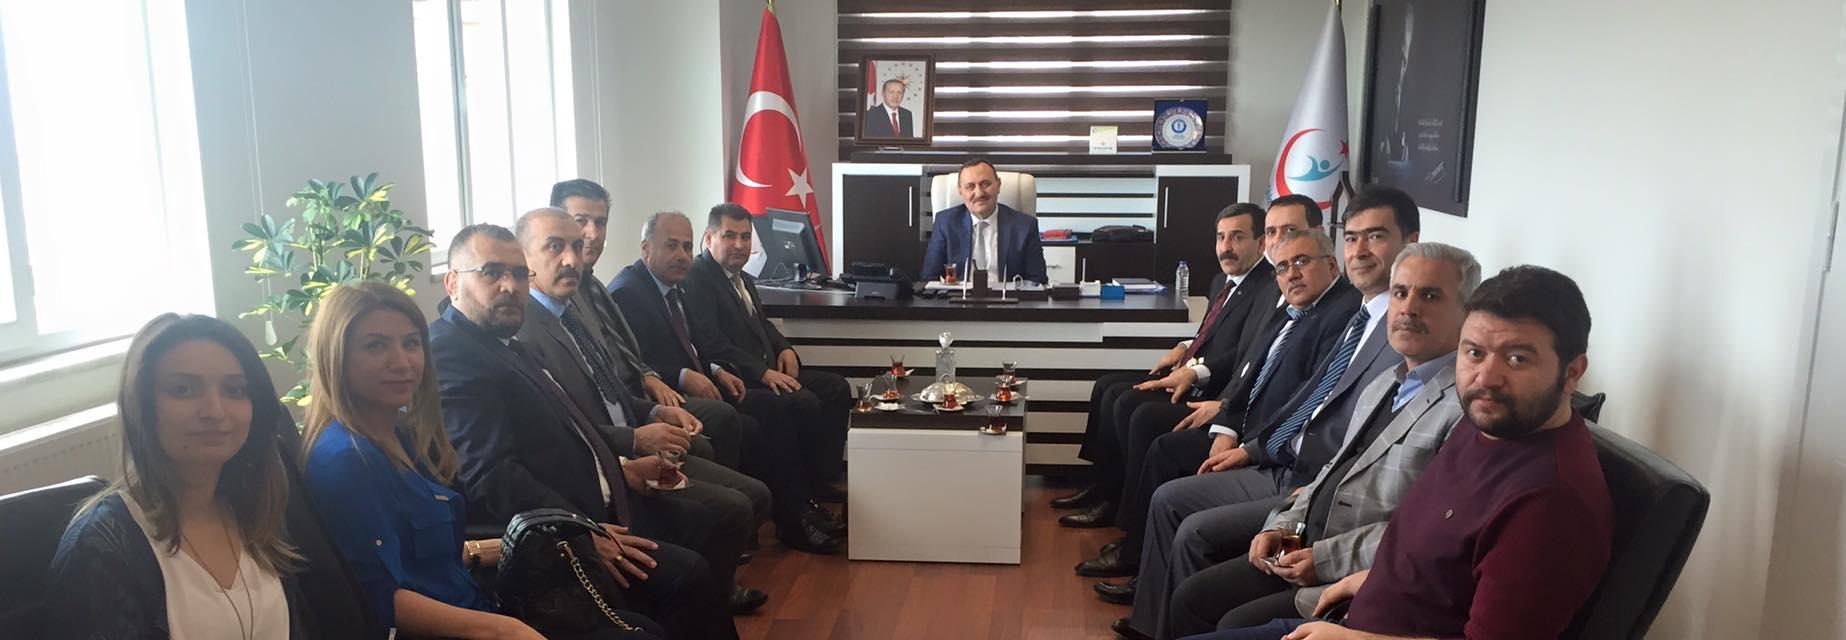 Genel Başkanımız Önder Kahveci ve Genel Başkan Yardımcılarımız Mustafa Genç, Hasan Şirin ve Abdurrahman Uysal sendikal çalışmalar kapsamında Gaziantep'i ziyaret etti.